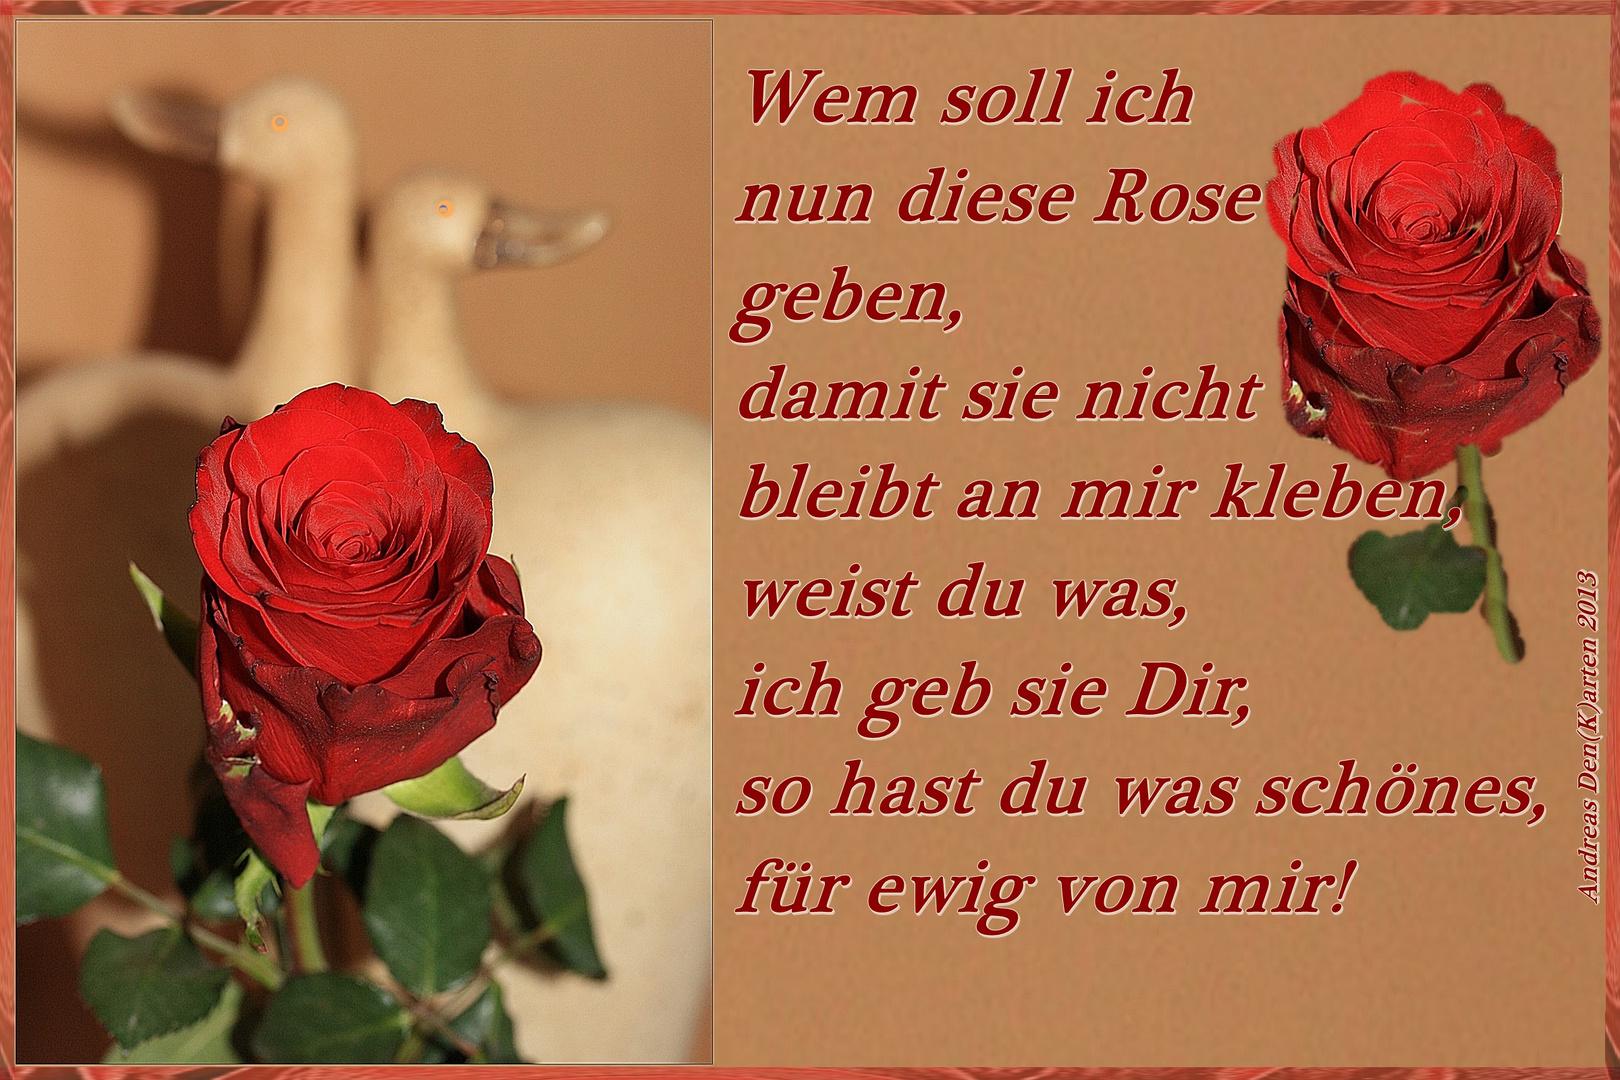 Wem soll ich nun diese Rose geben